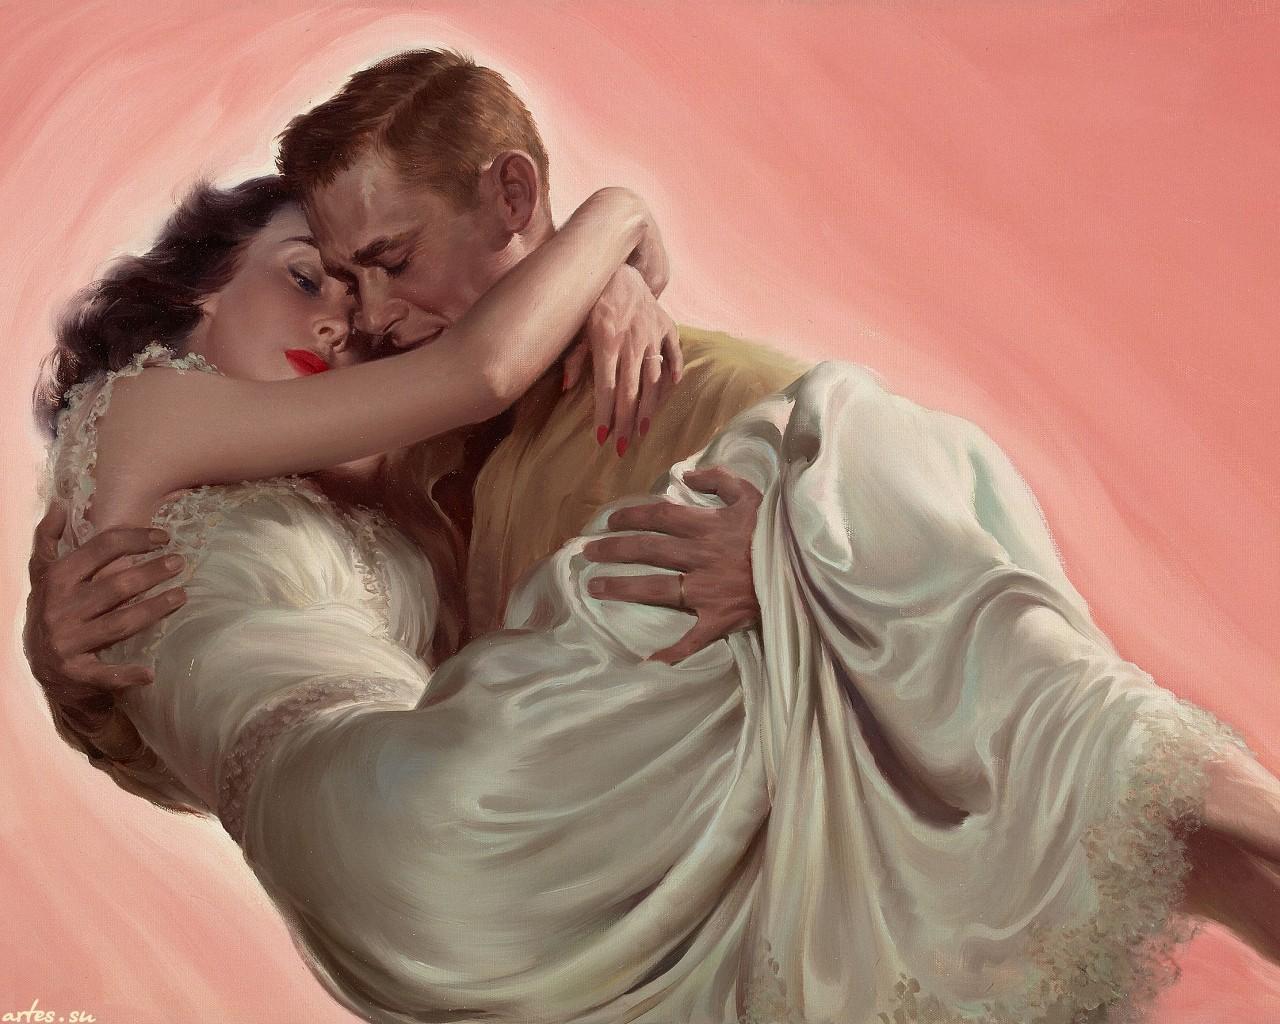 Фото открытки любовь мужчина женщина